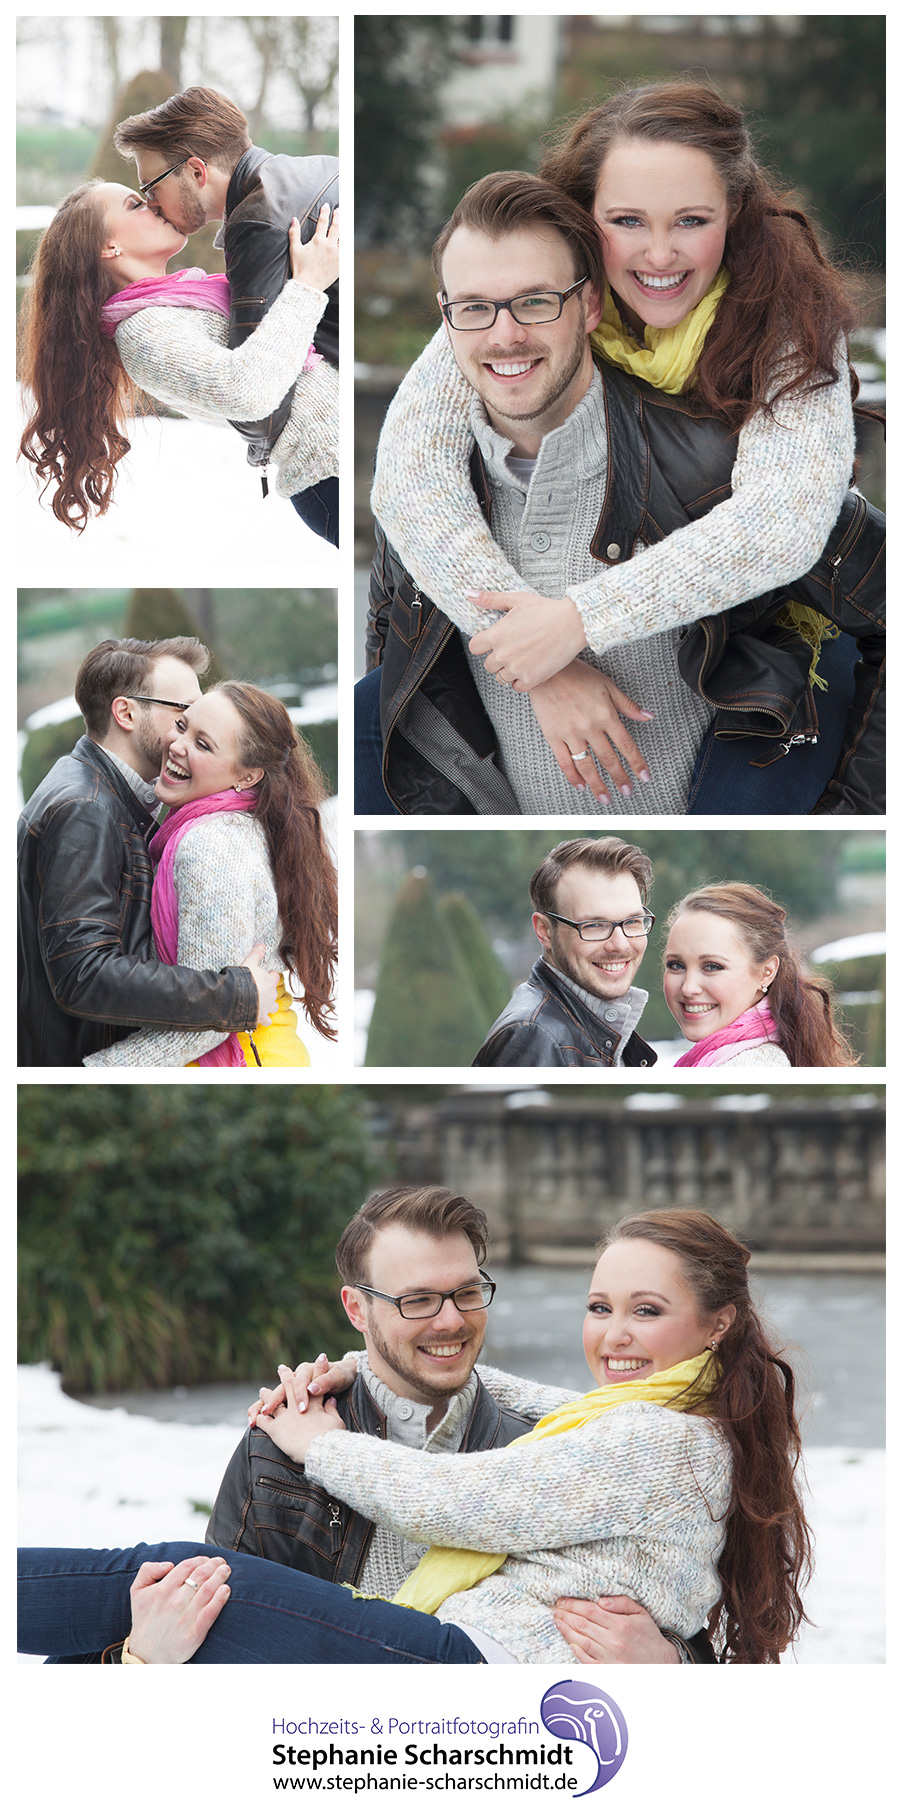 Paarfotos in Viersen (NRW) Svenja und Matthias 2015-01-25 (Stephanie Scharschmidt Portraitfotografin aus Viersen)